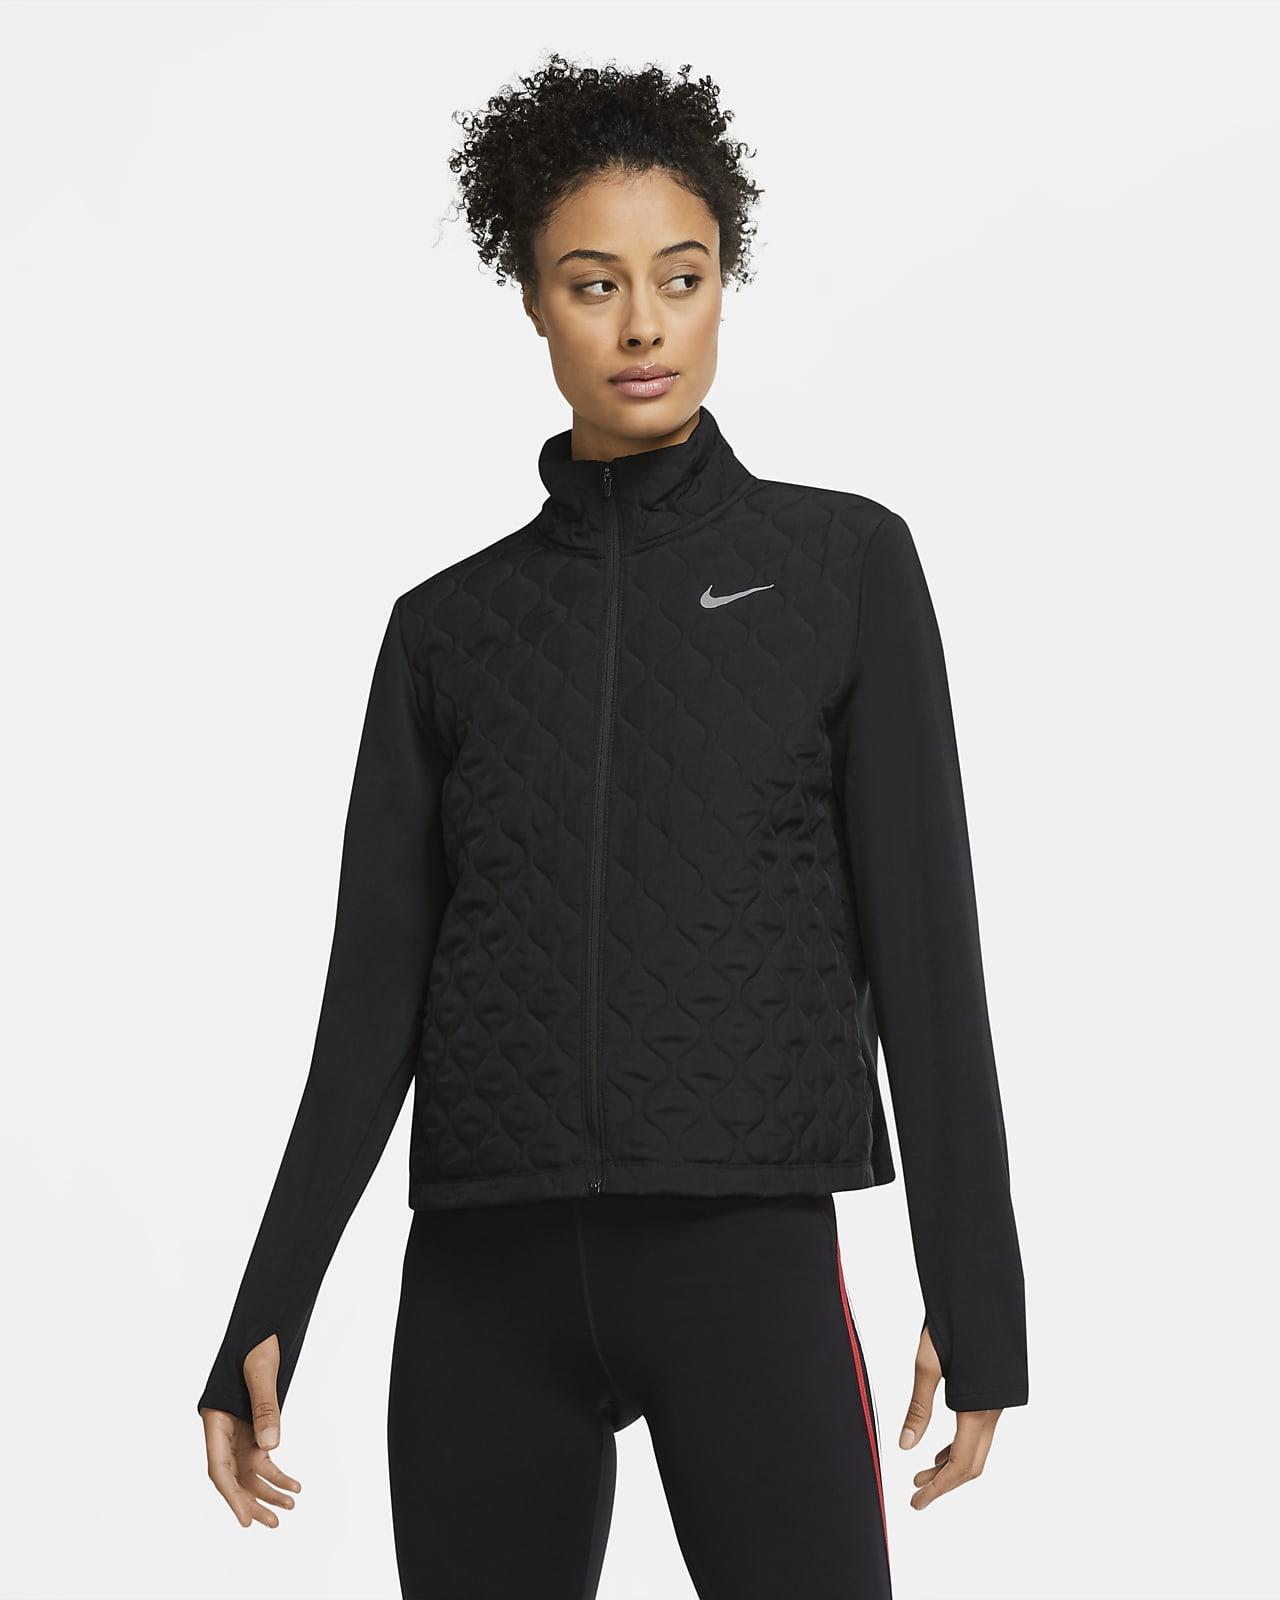 Nike Aerolayer női futókabát